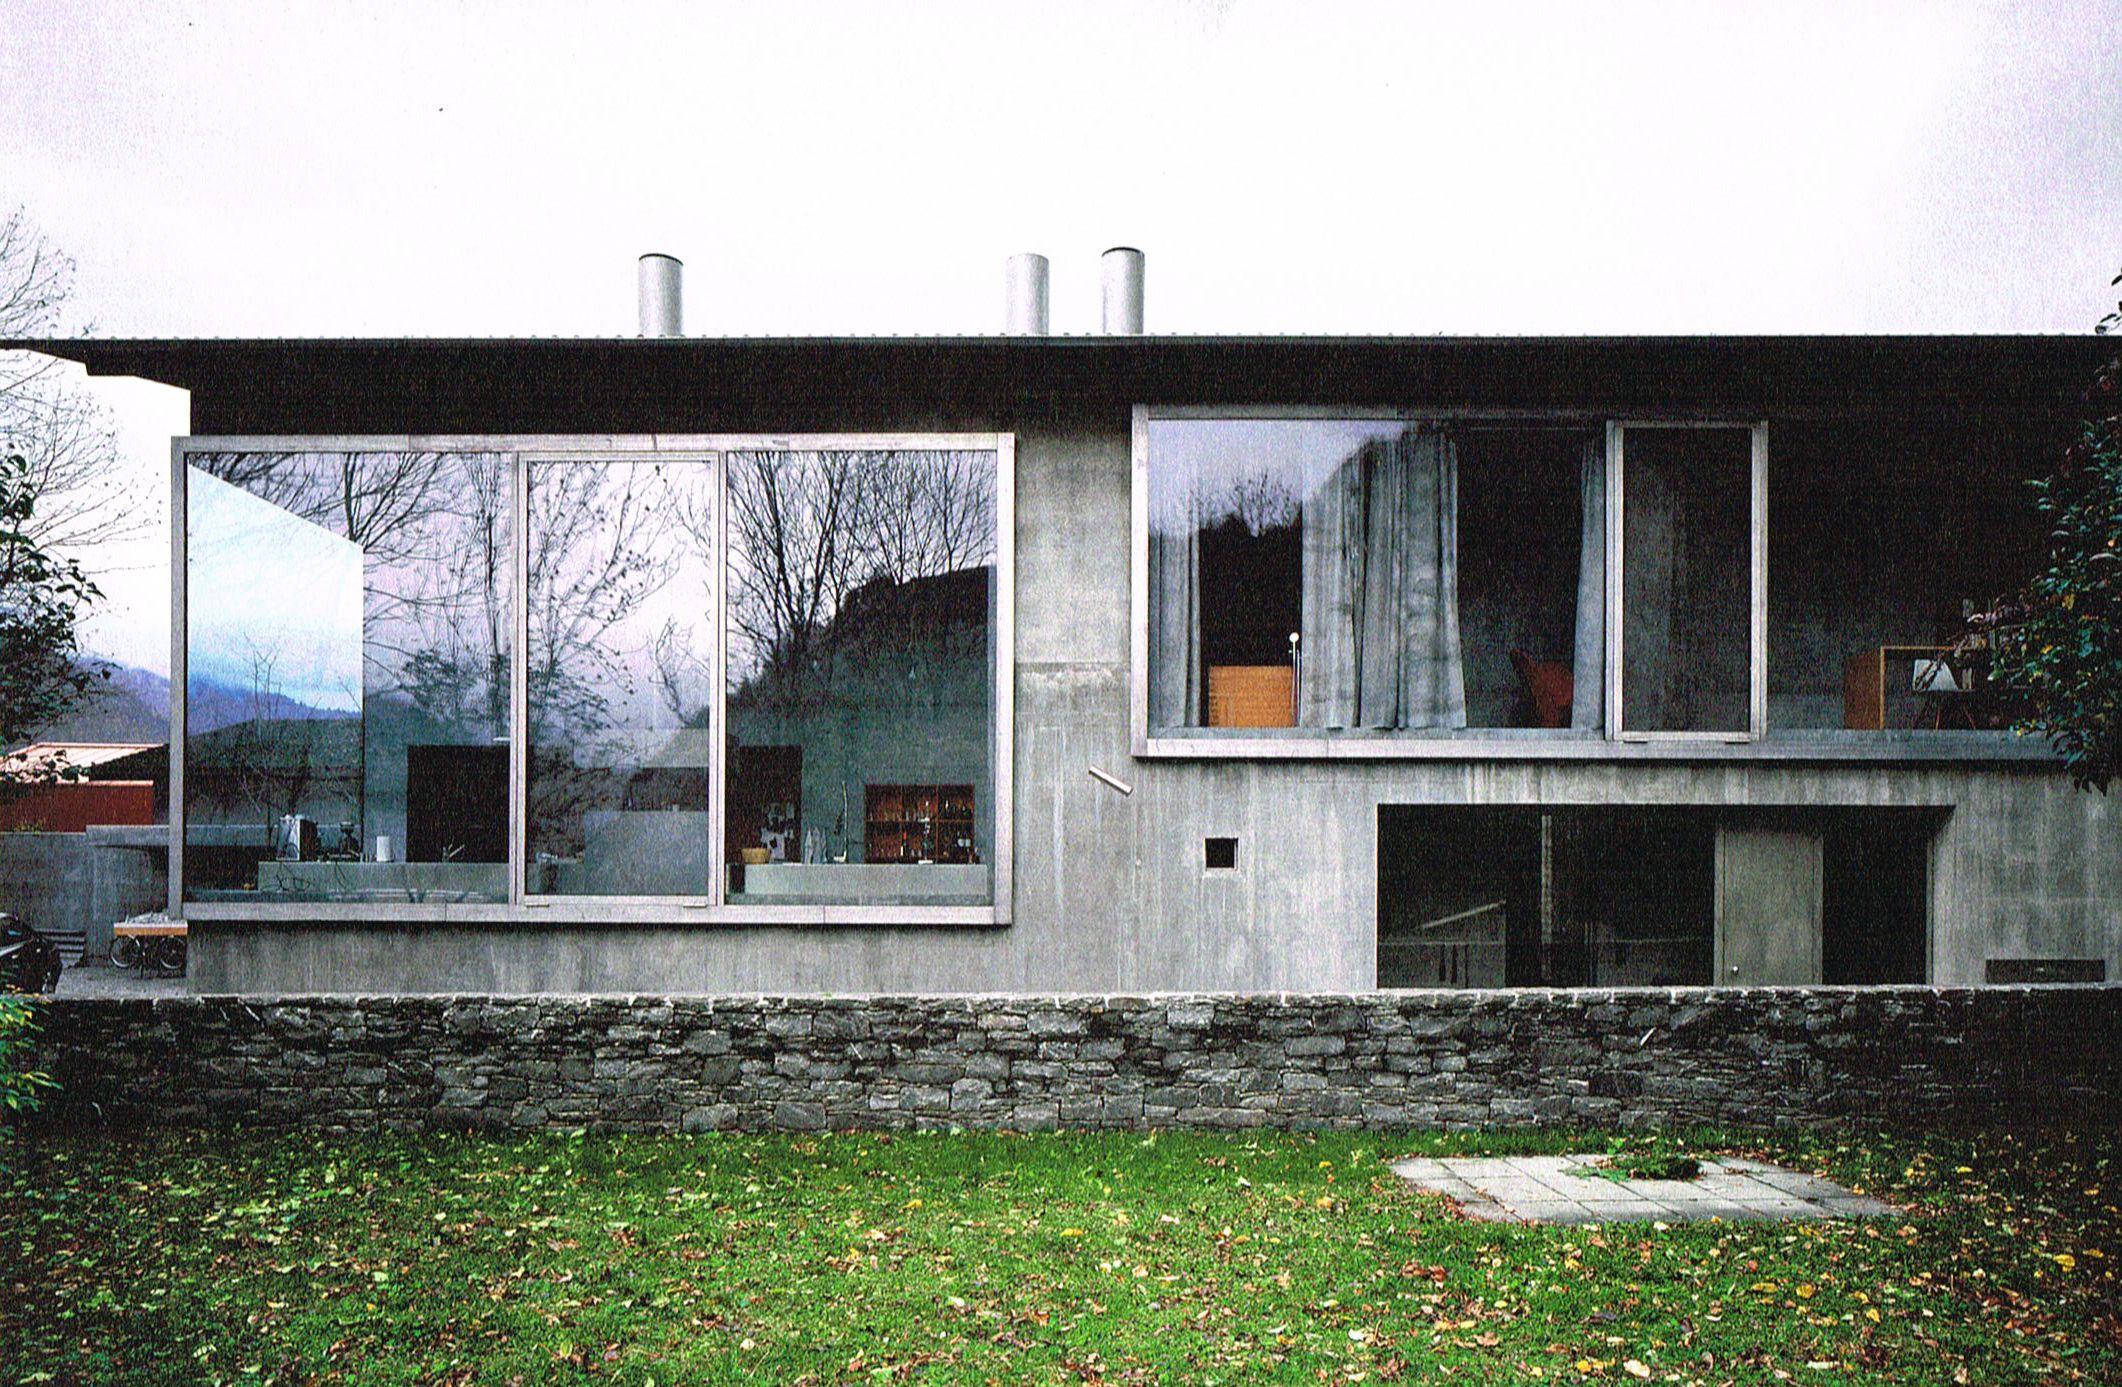 peter zumthor / architect's studio, haldenstein zumthor